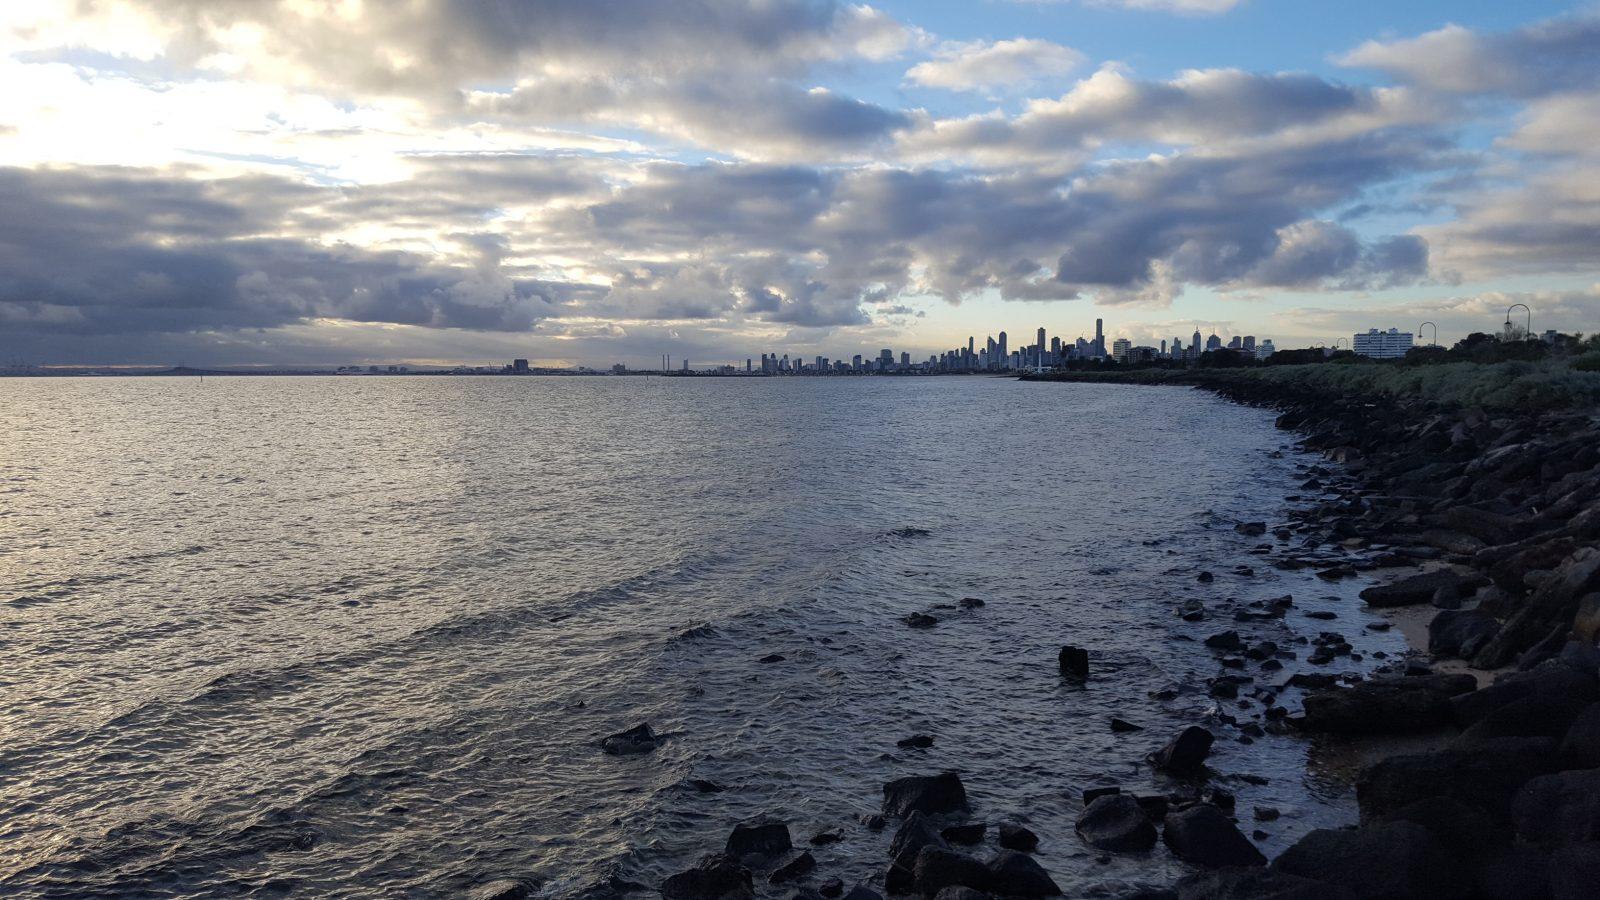 CBD Melbourne